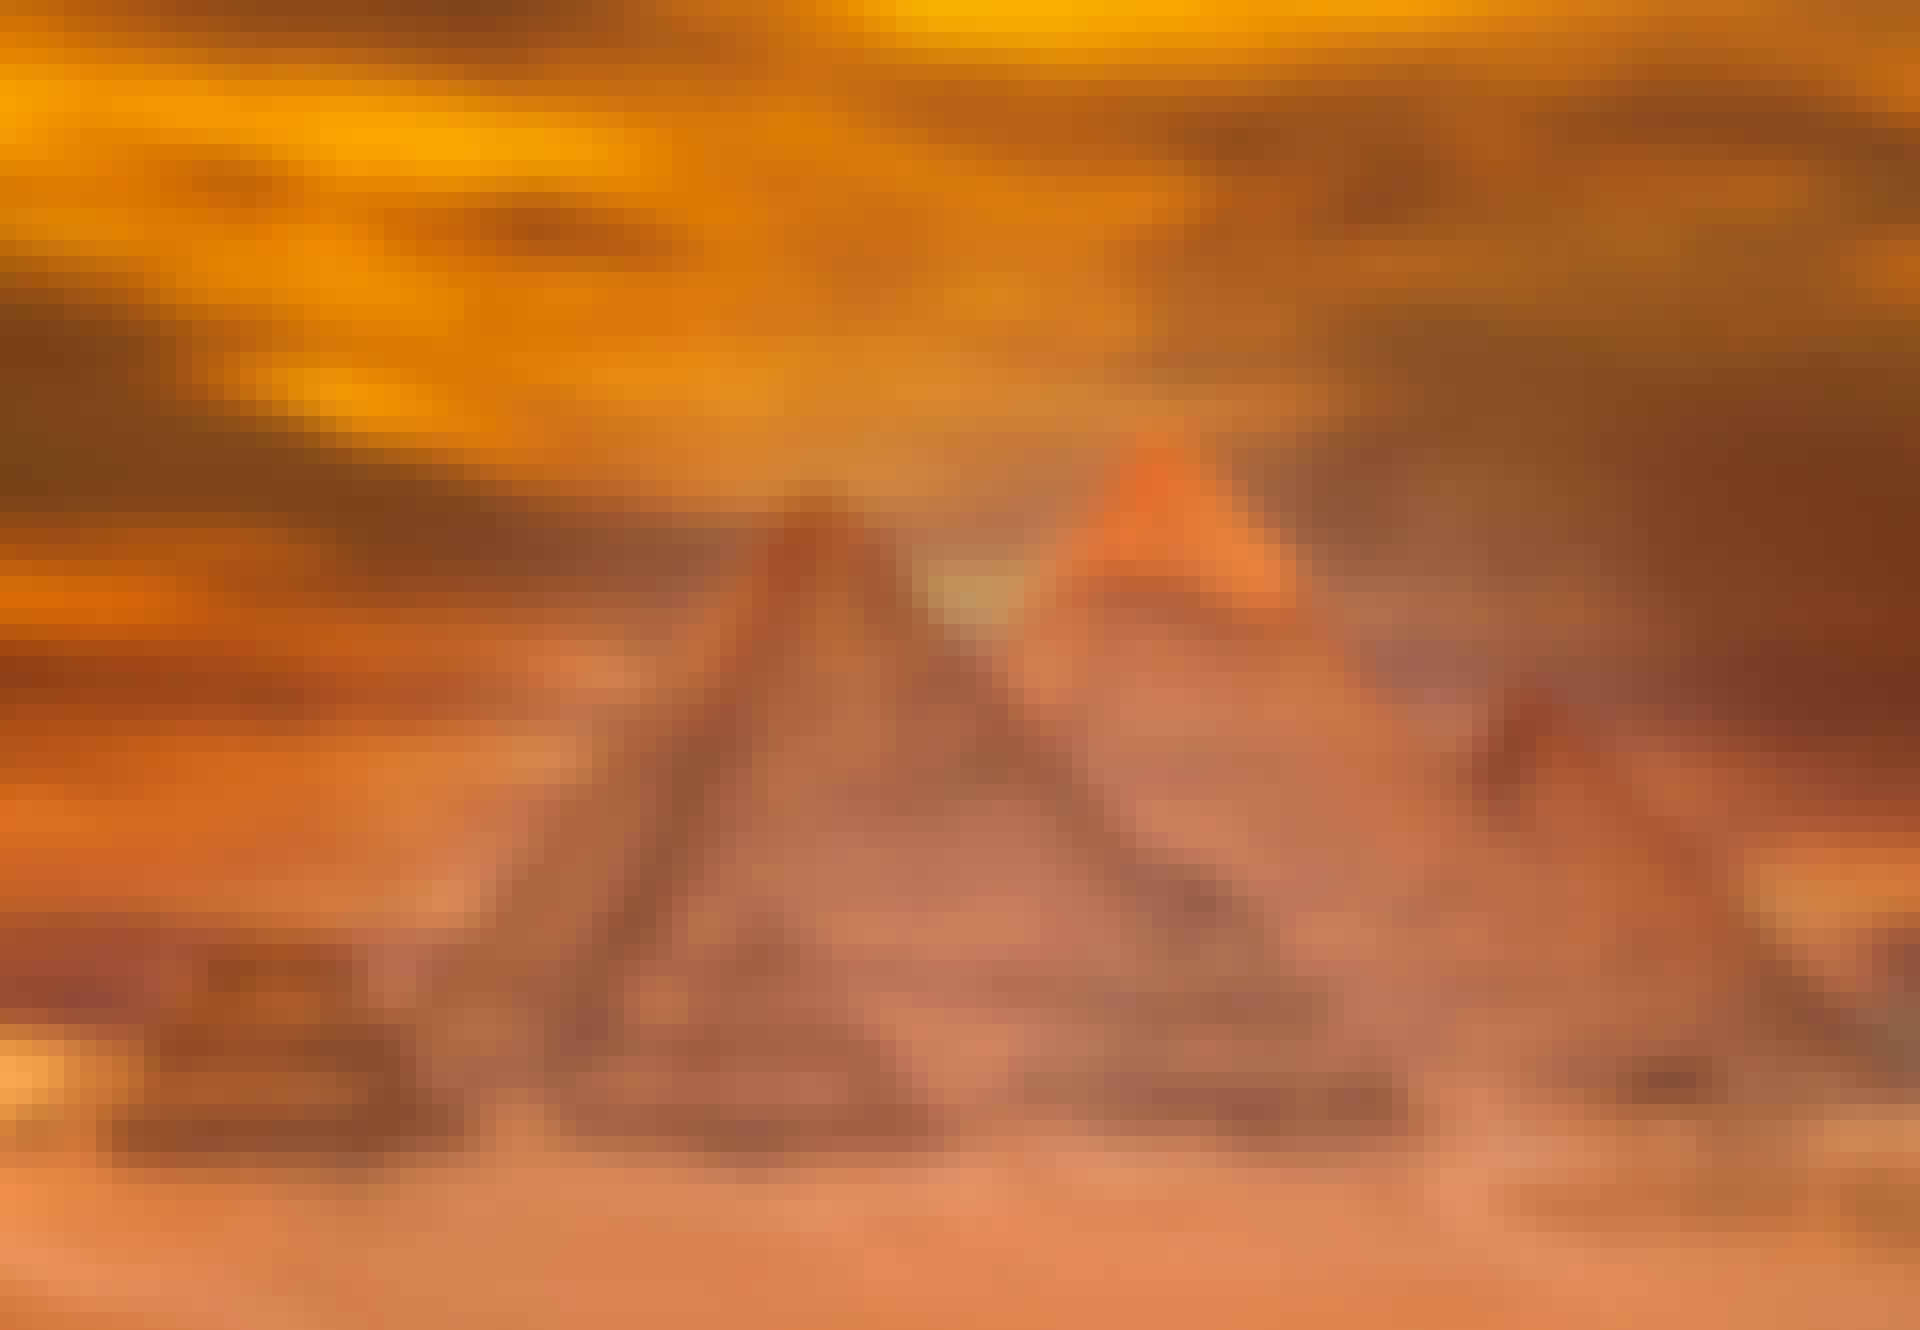 Pyramideja-oranssi-tausta